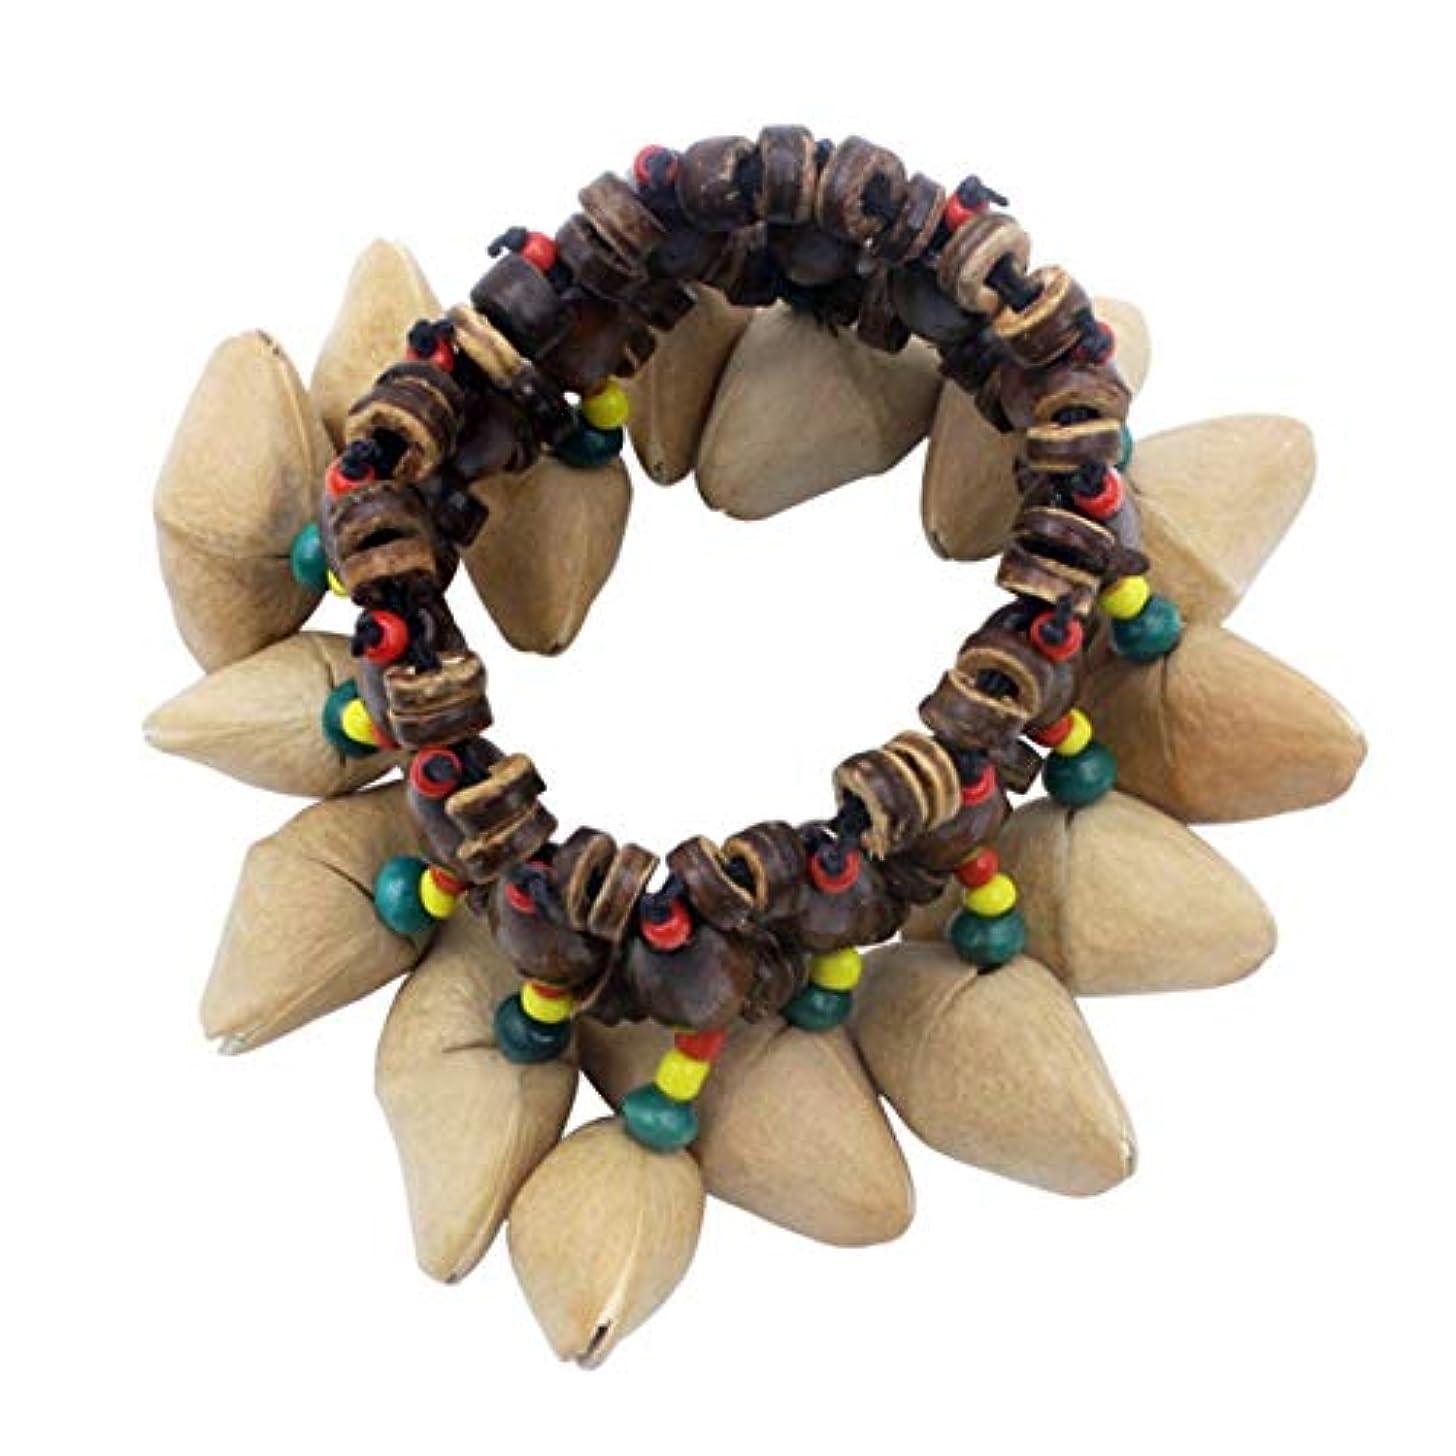 チャネル受信機記念碑Dora Nutshell African Drum Hand Bell Drum Musical Instrument Bell Accessories-Wood Color